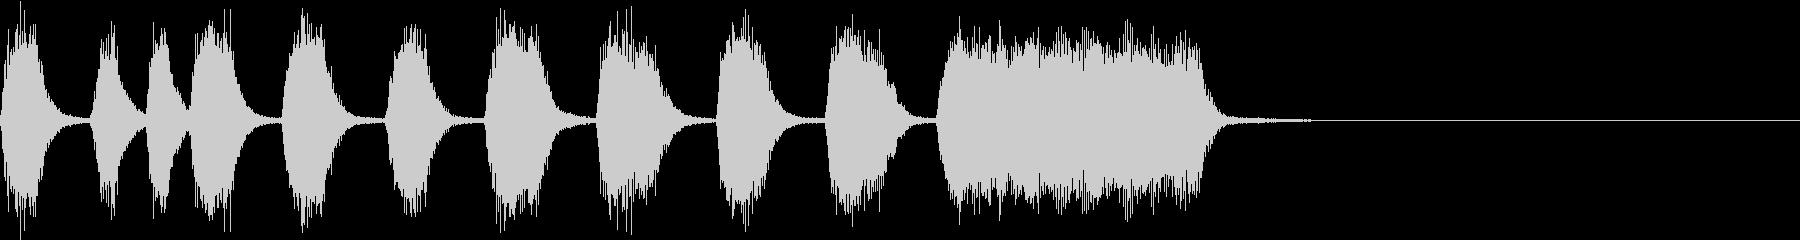 シンプル トランペット ファンファーレGの未再生の波形